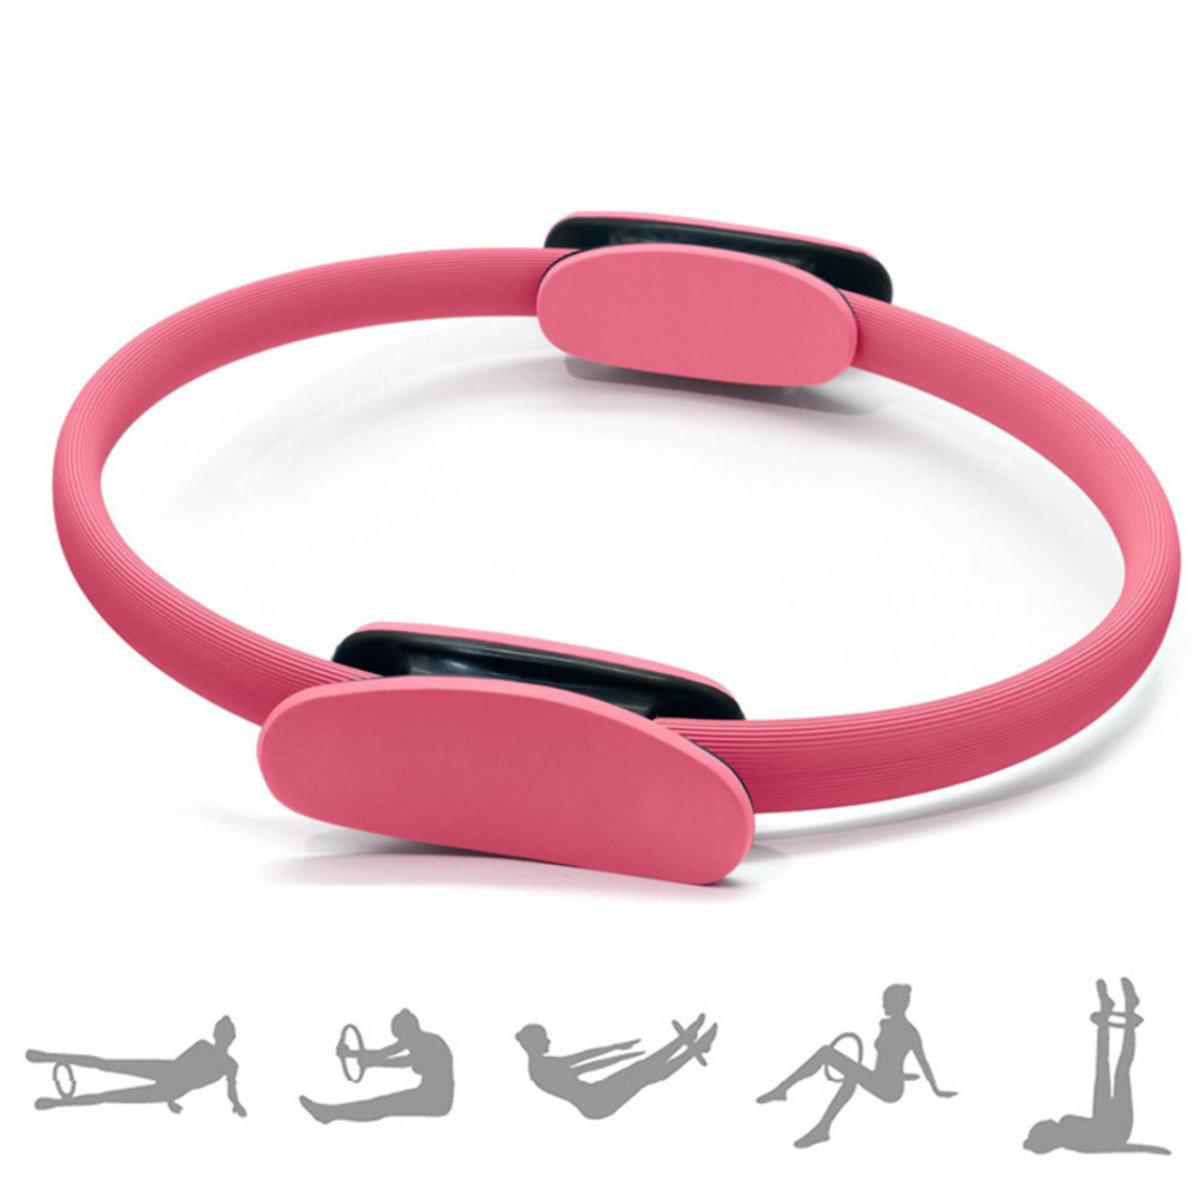 瑜珈普拉提圈 美體健身魔力圈瑜伽圈 瑜伽環普拉阻力環 月牙手柄普拉提圈瑜伽用品